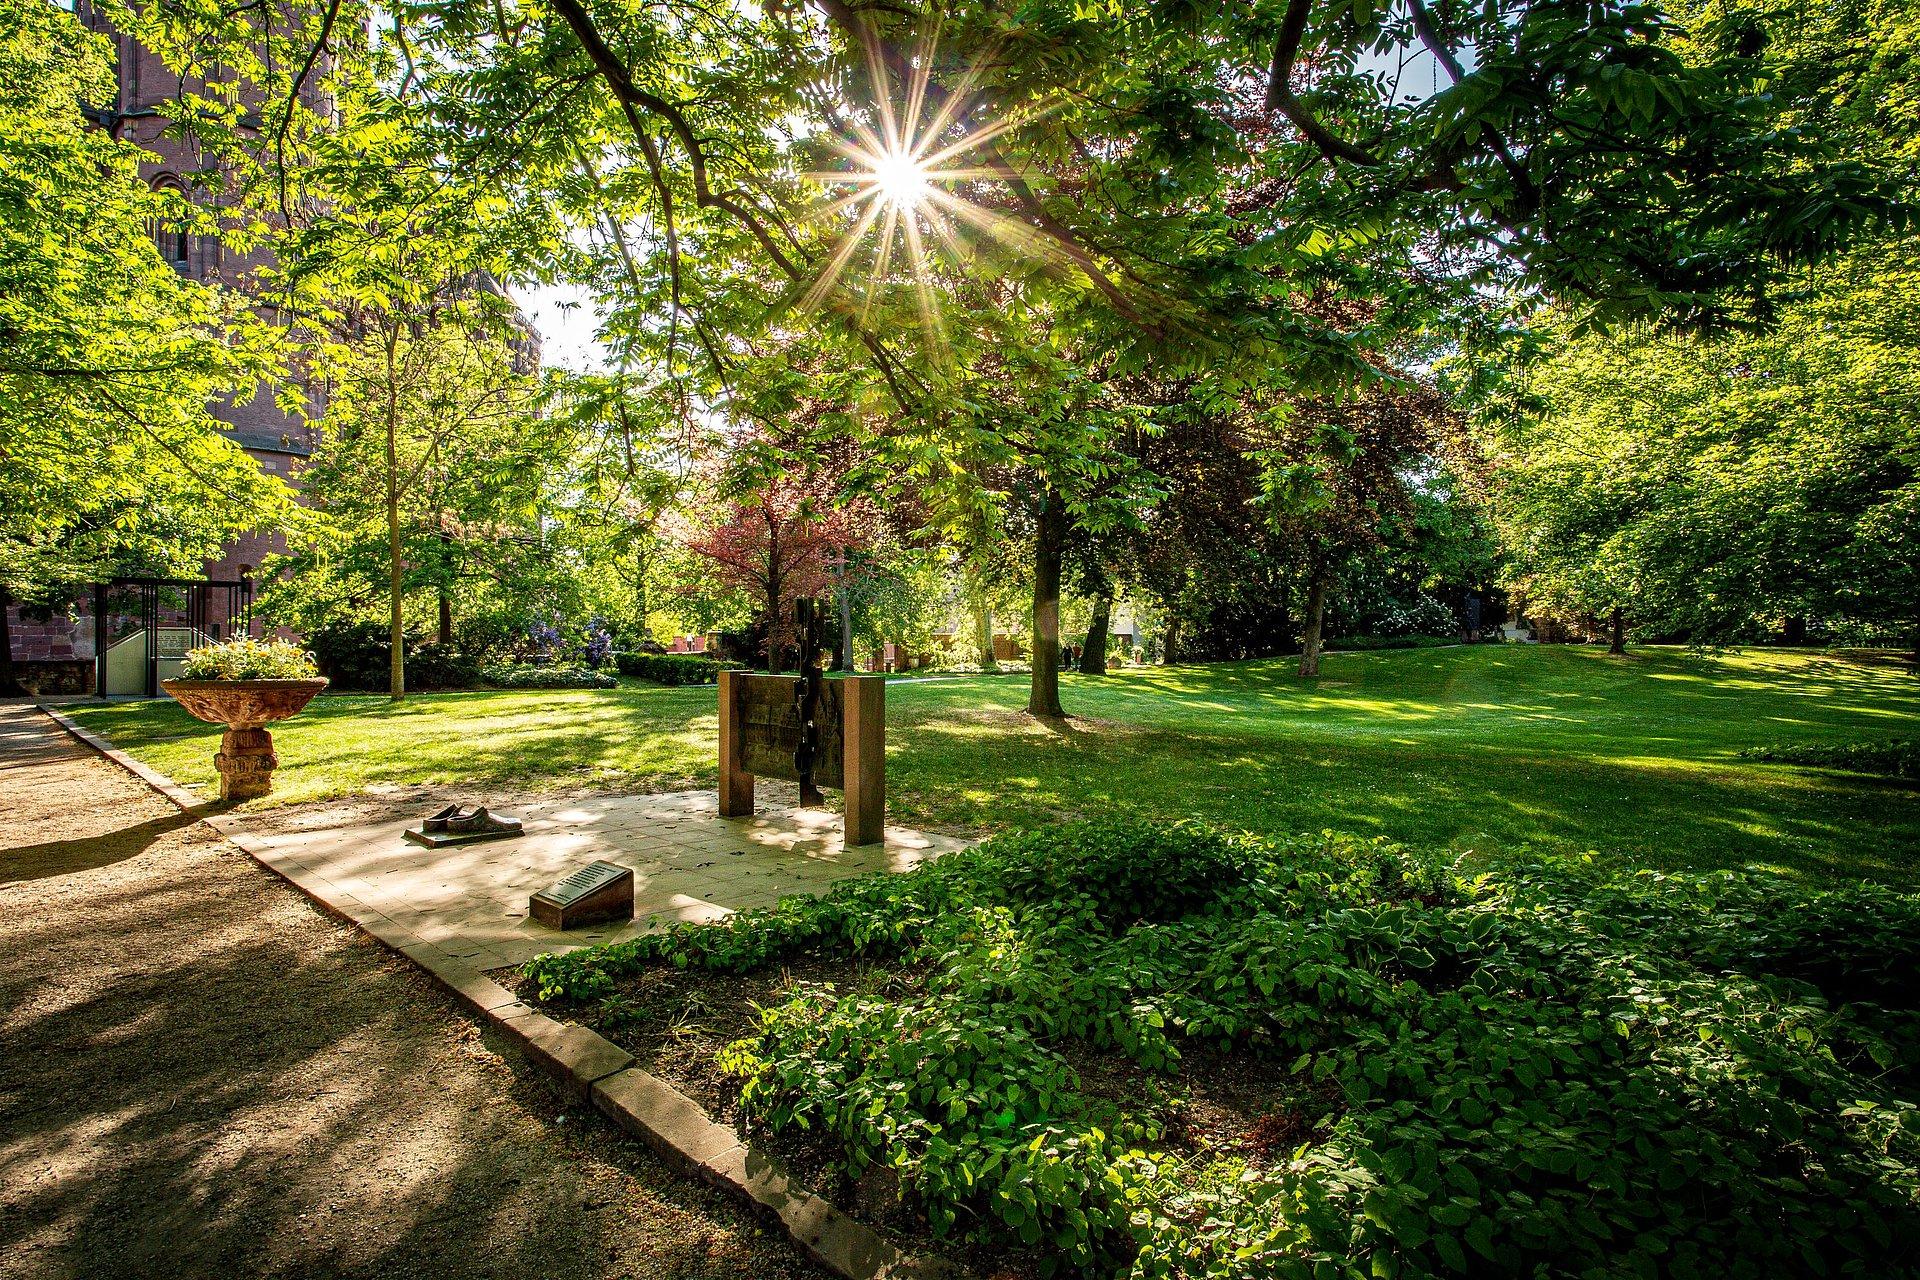 Der Heylshofpark in Worms, Rheinhessen